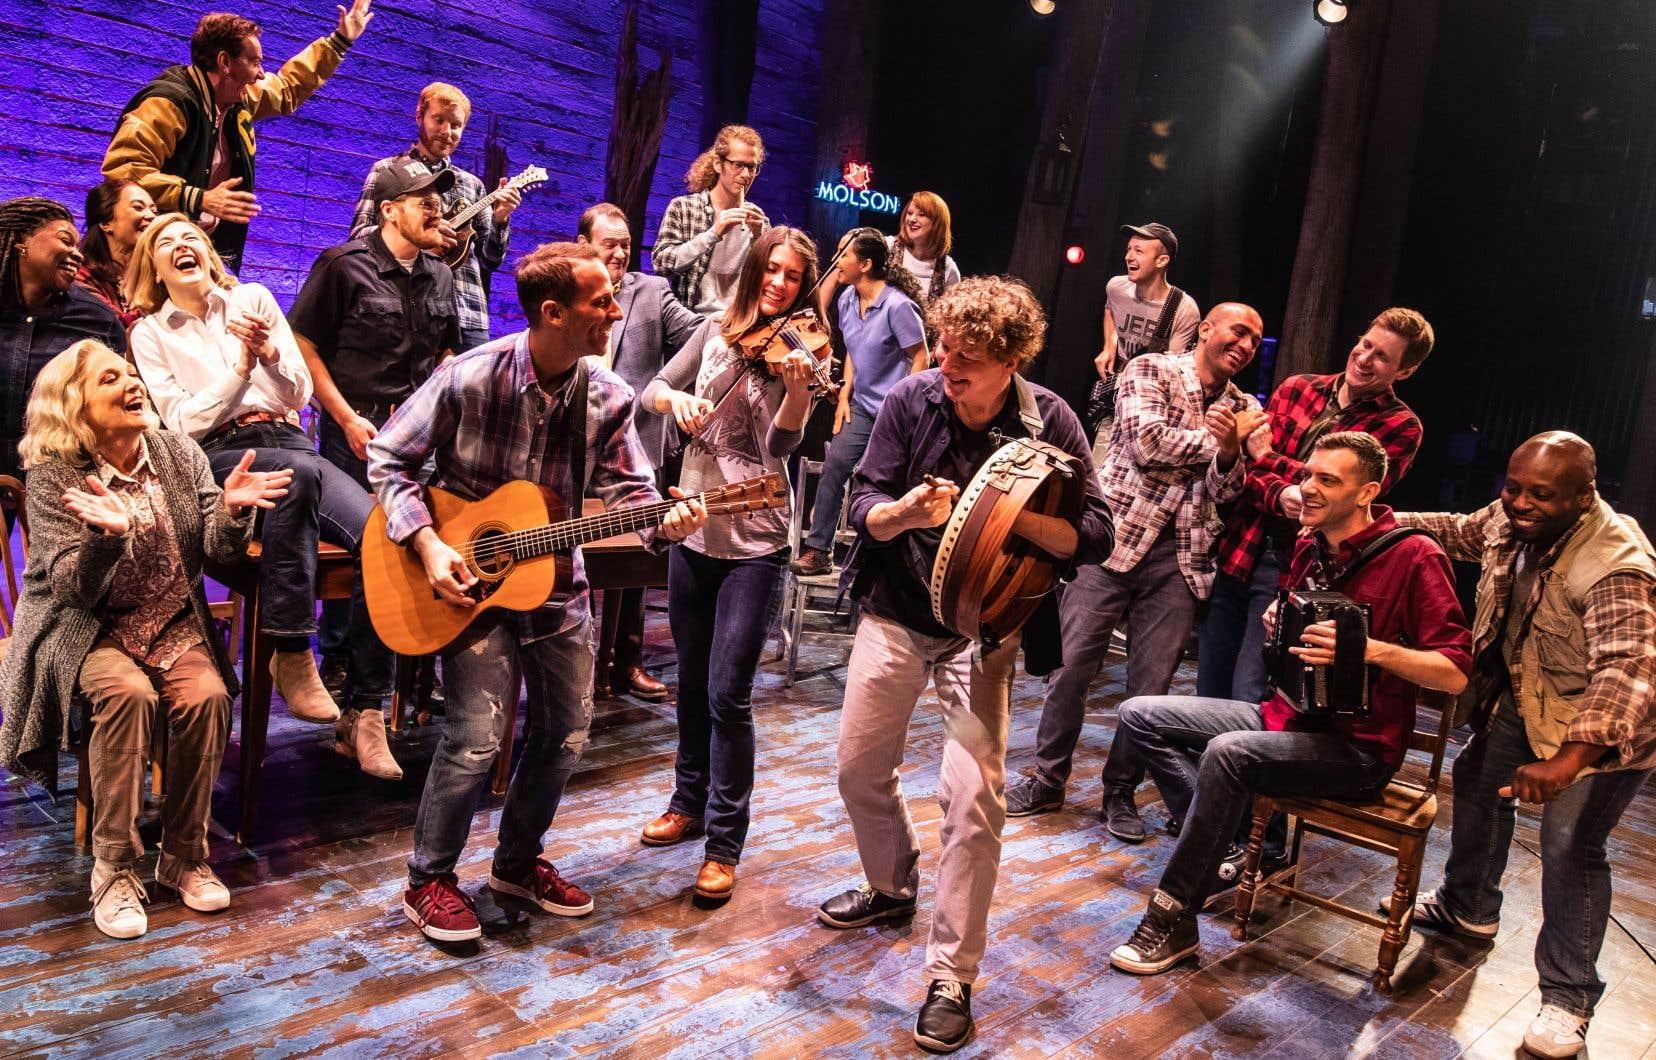 Neuf musiciens et douze interprètes se partagent la scène.